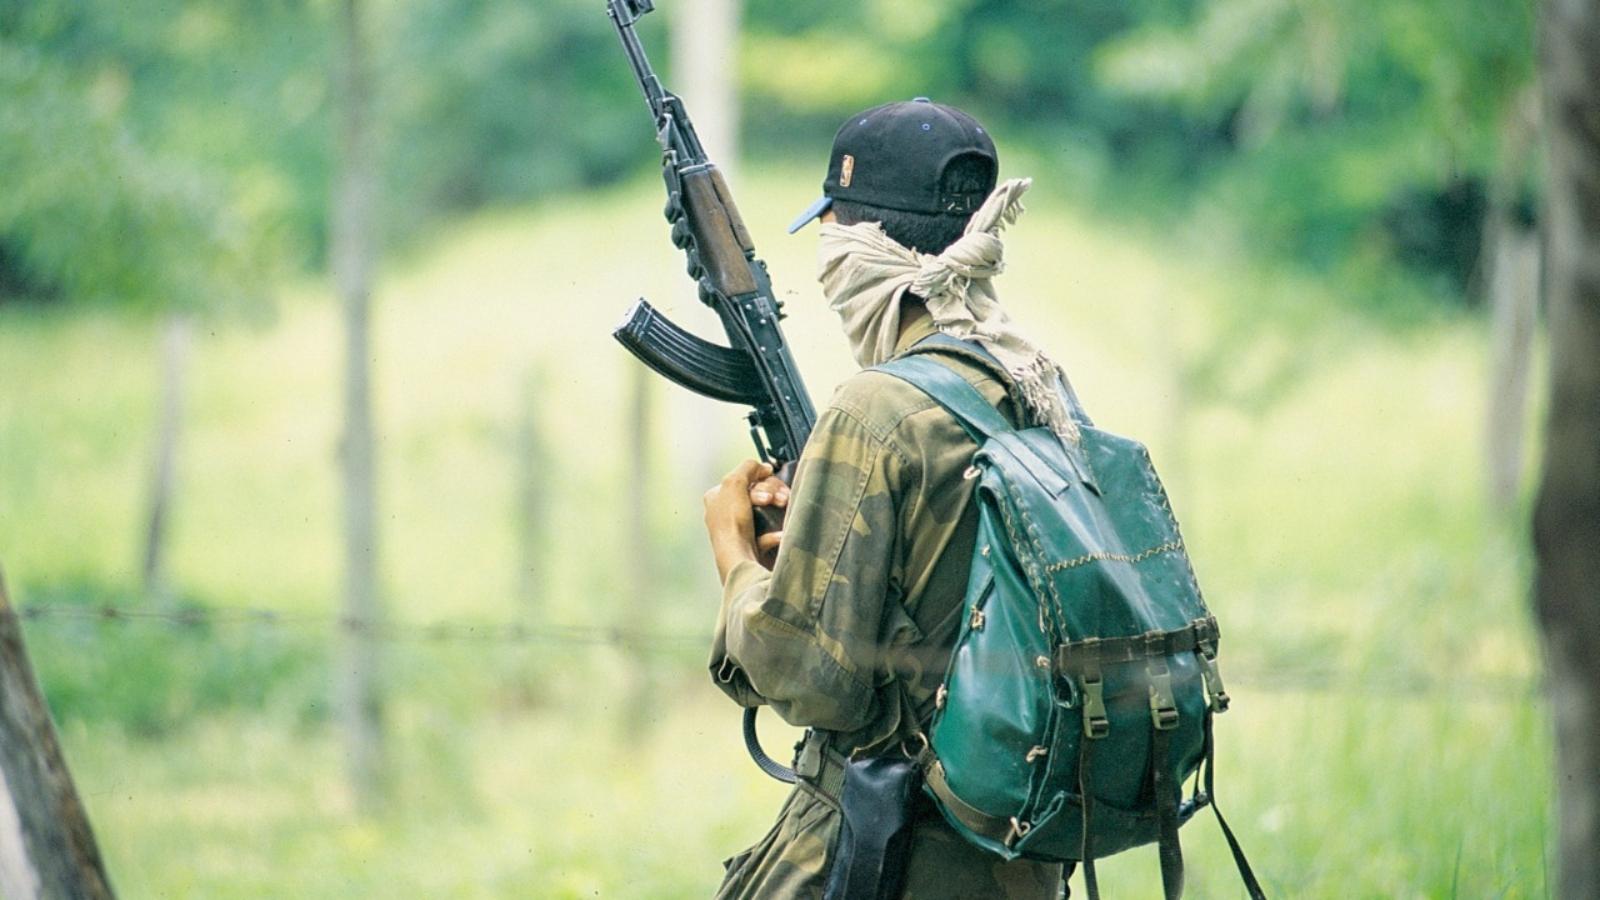 el-miedo-y-la-violencia-regresaron-al-bajo-putumayo-